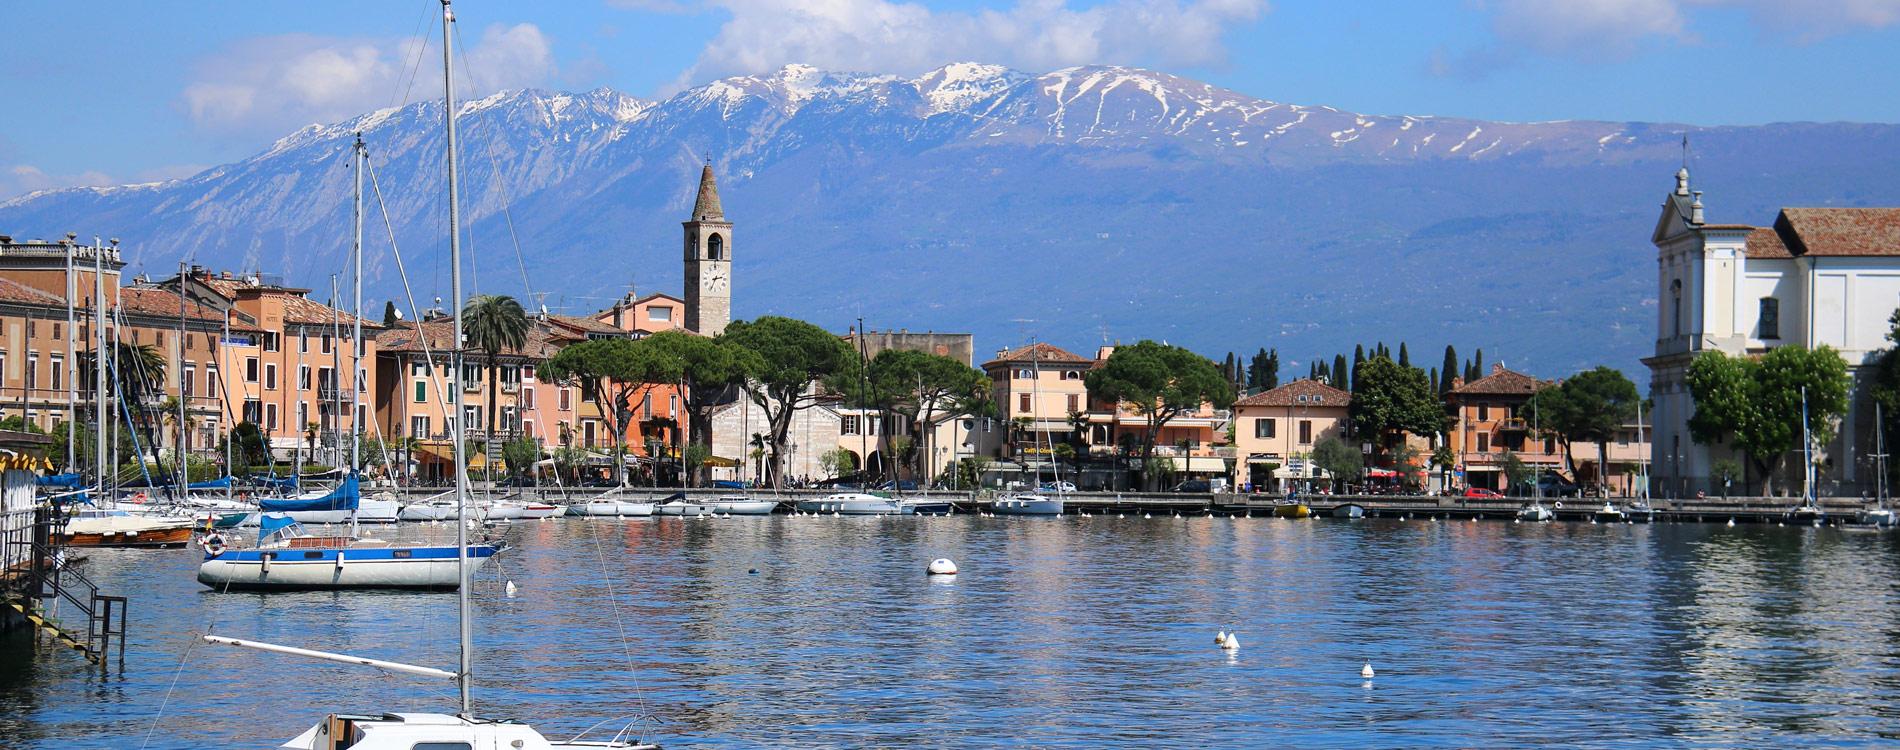 gardasee toscolano karte Toscolano am Gardasee